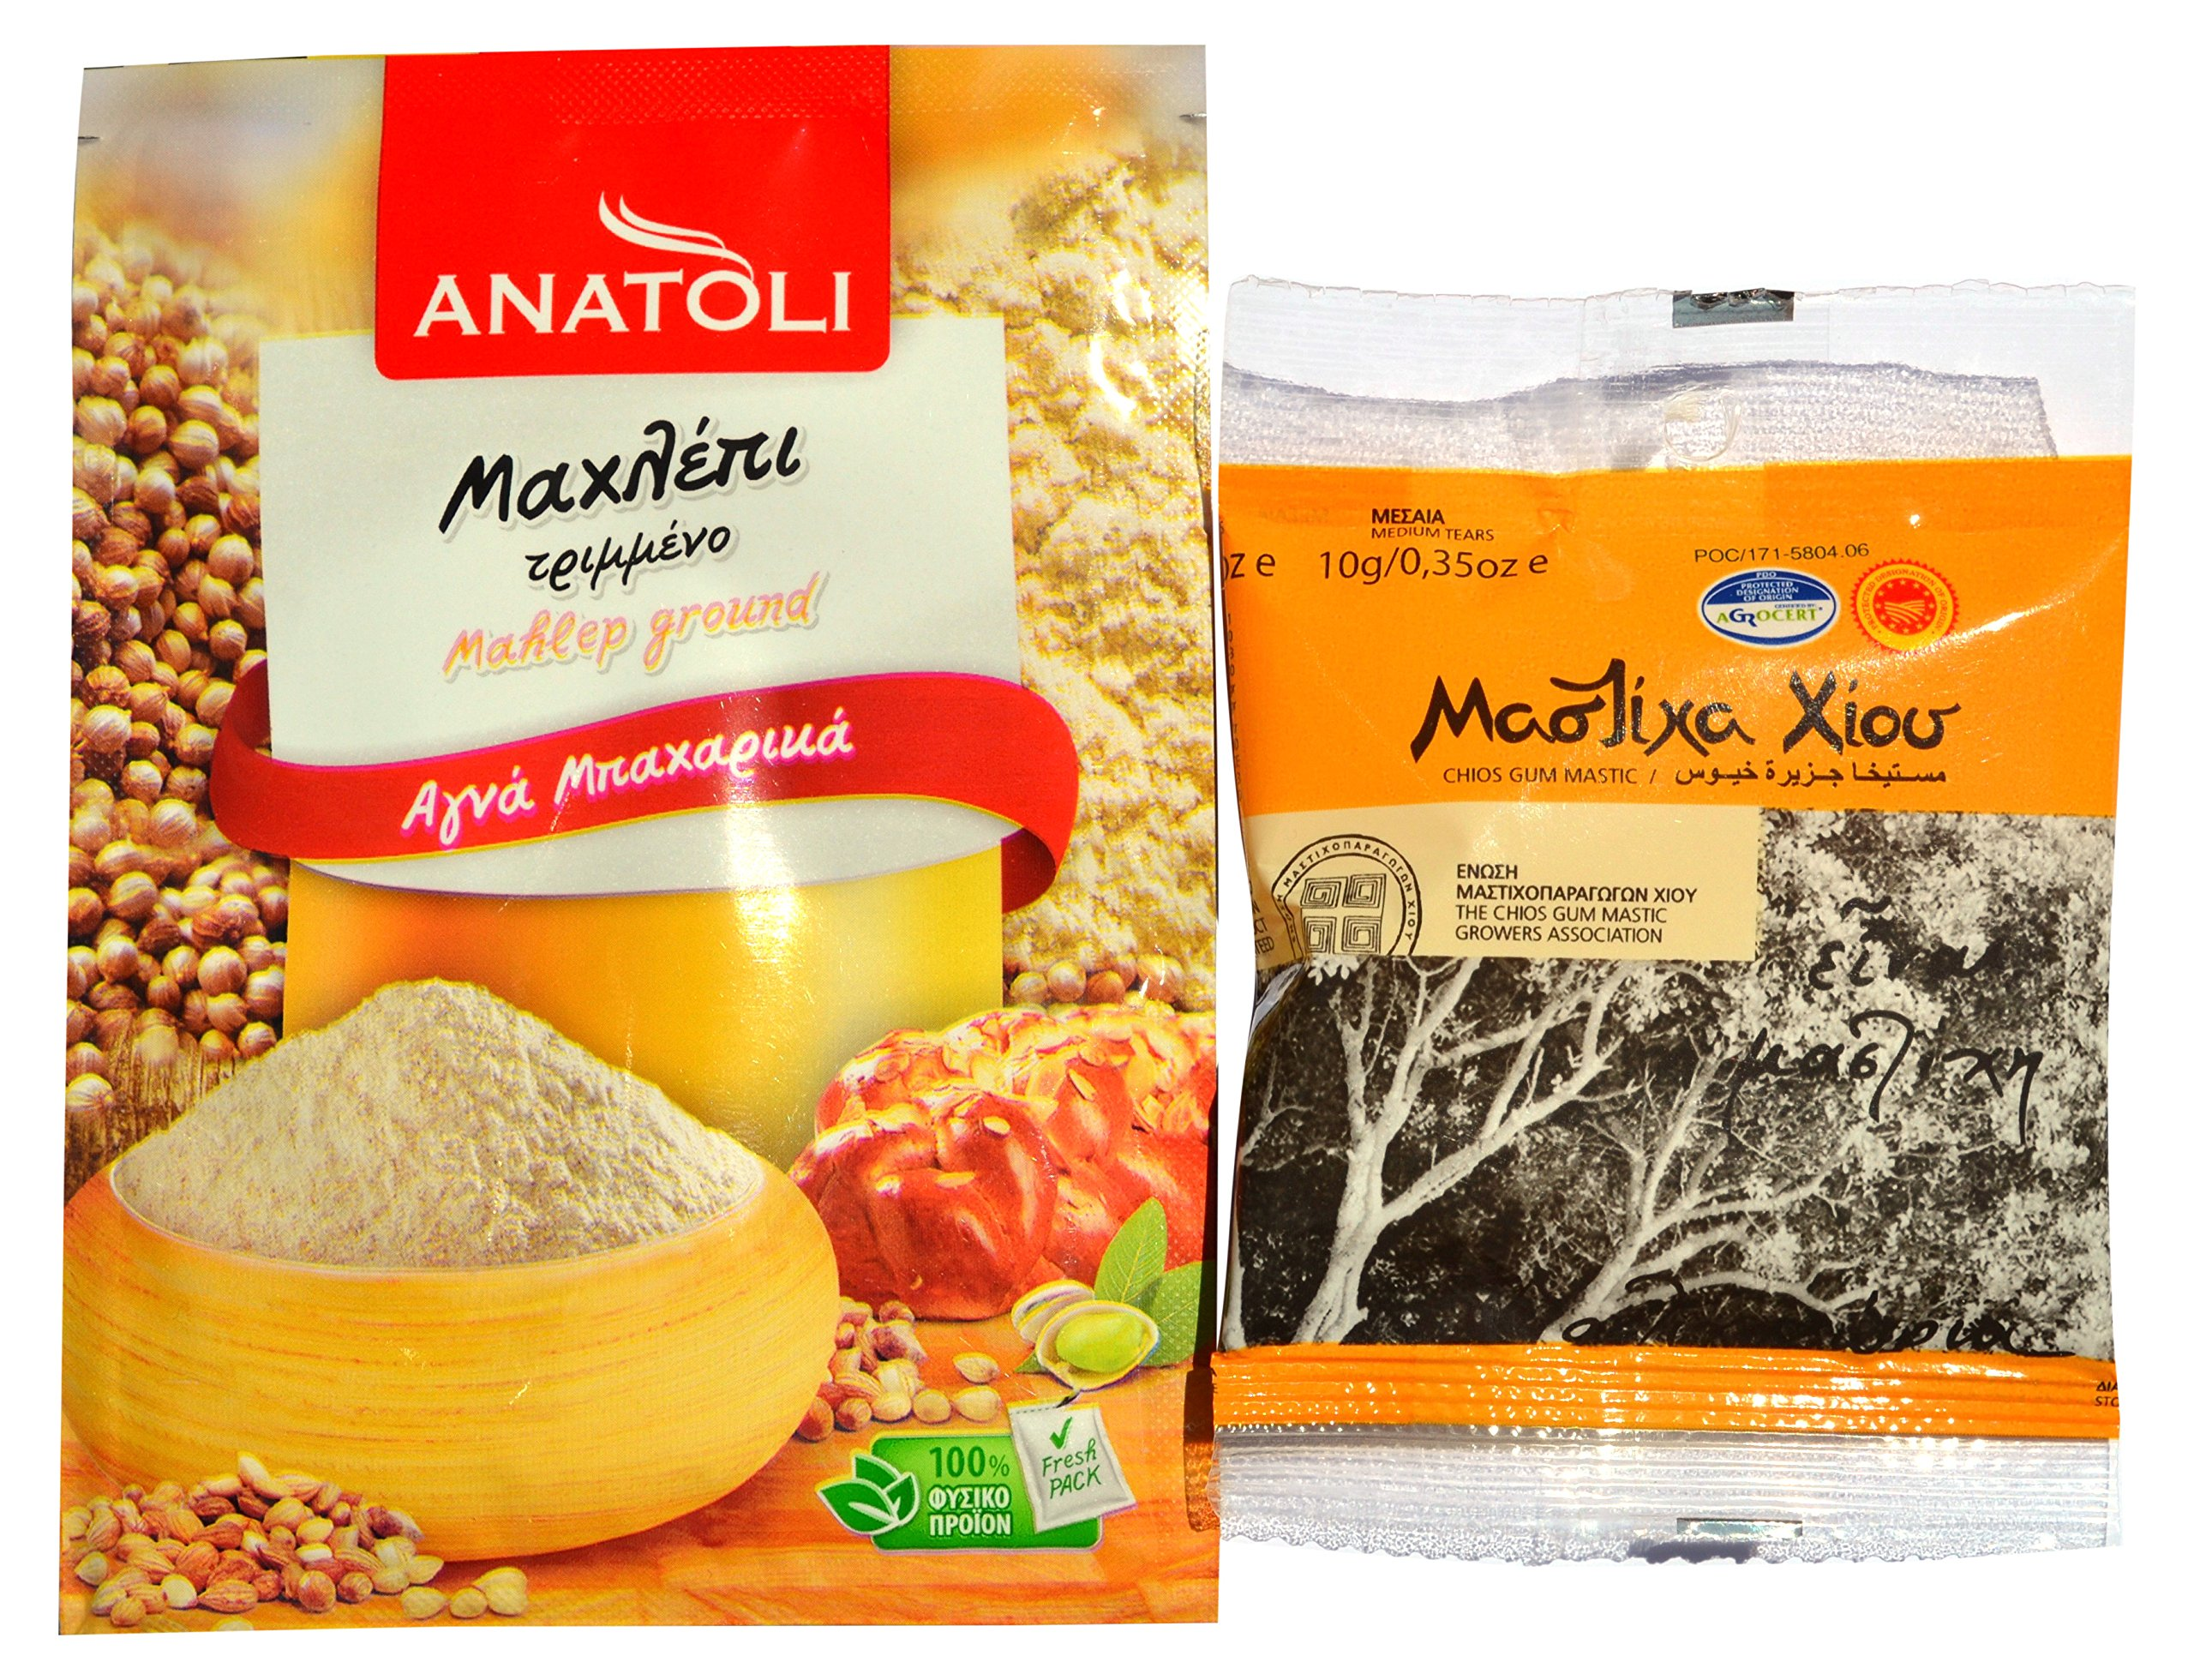 Anatoli Ground Mahlep and Chios Mastiha for Cooking, Baking, Bundle